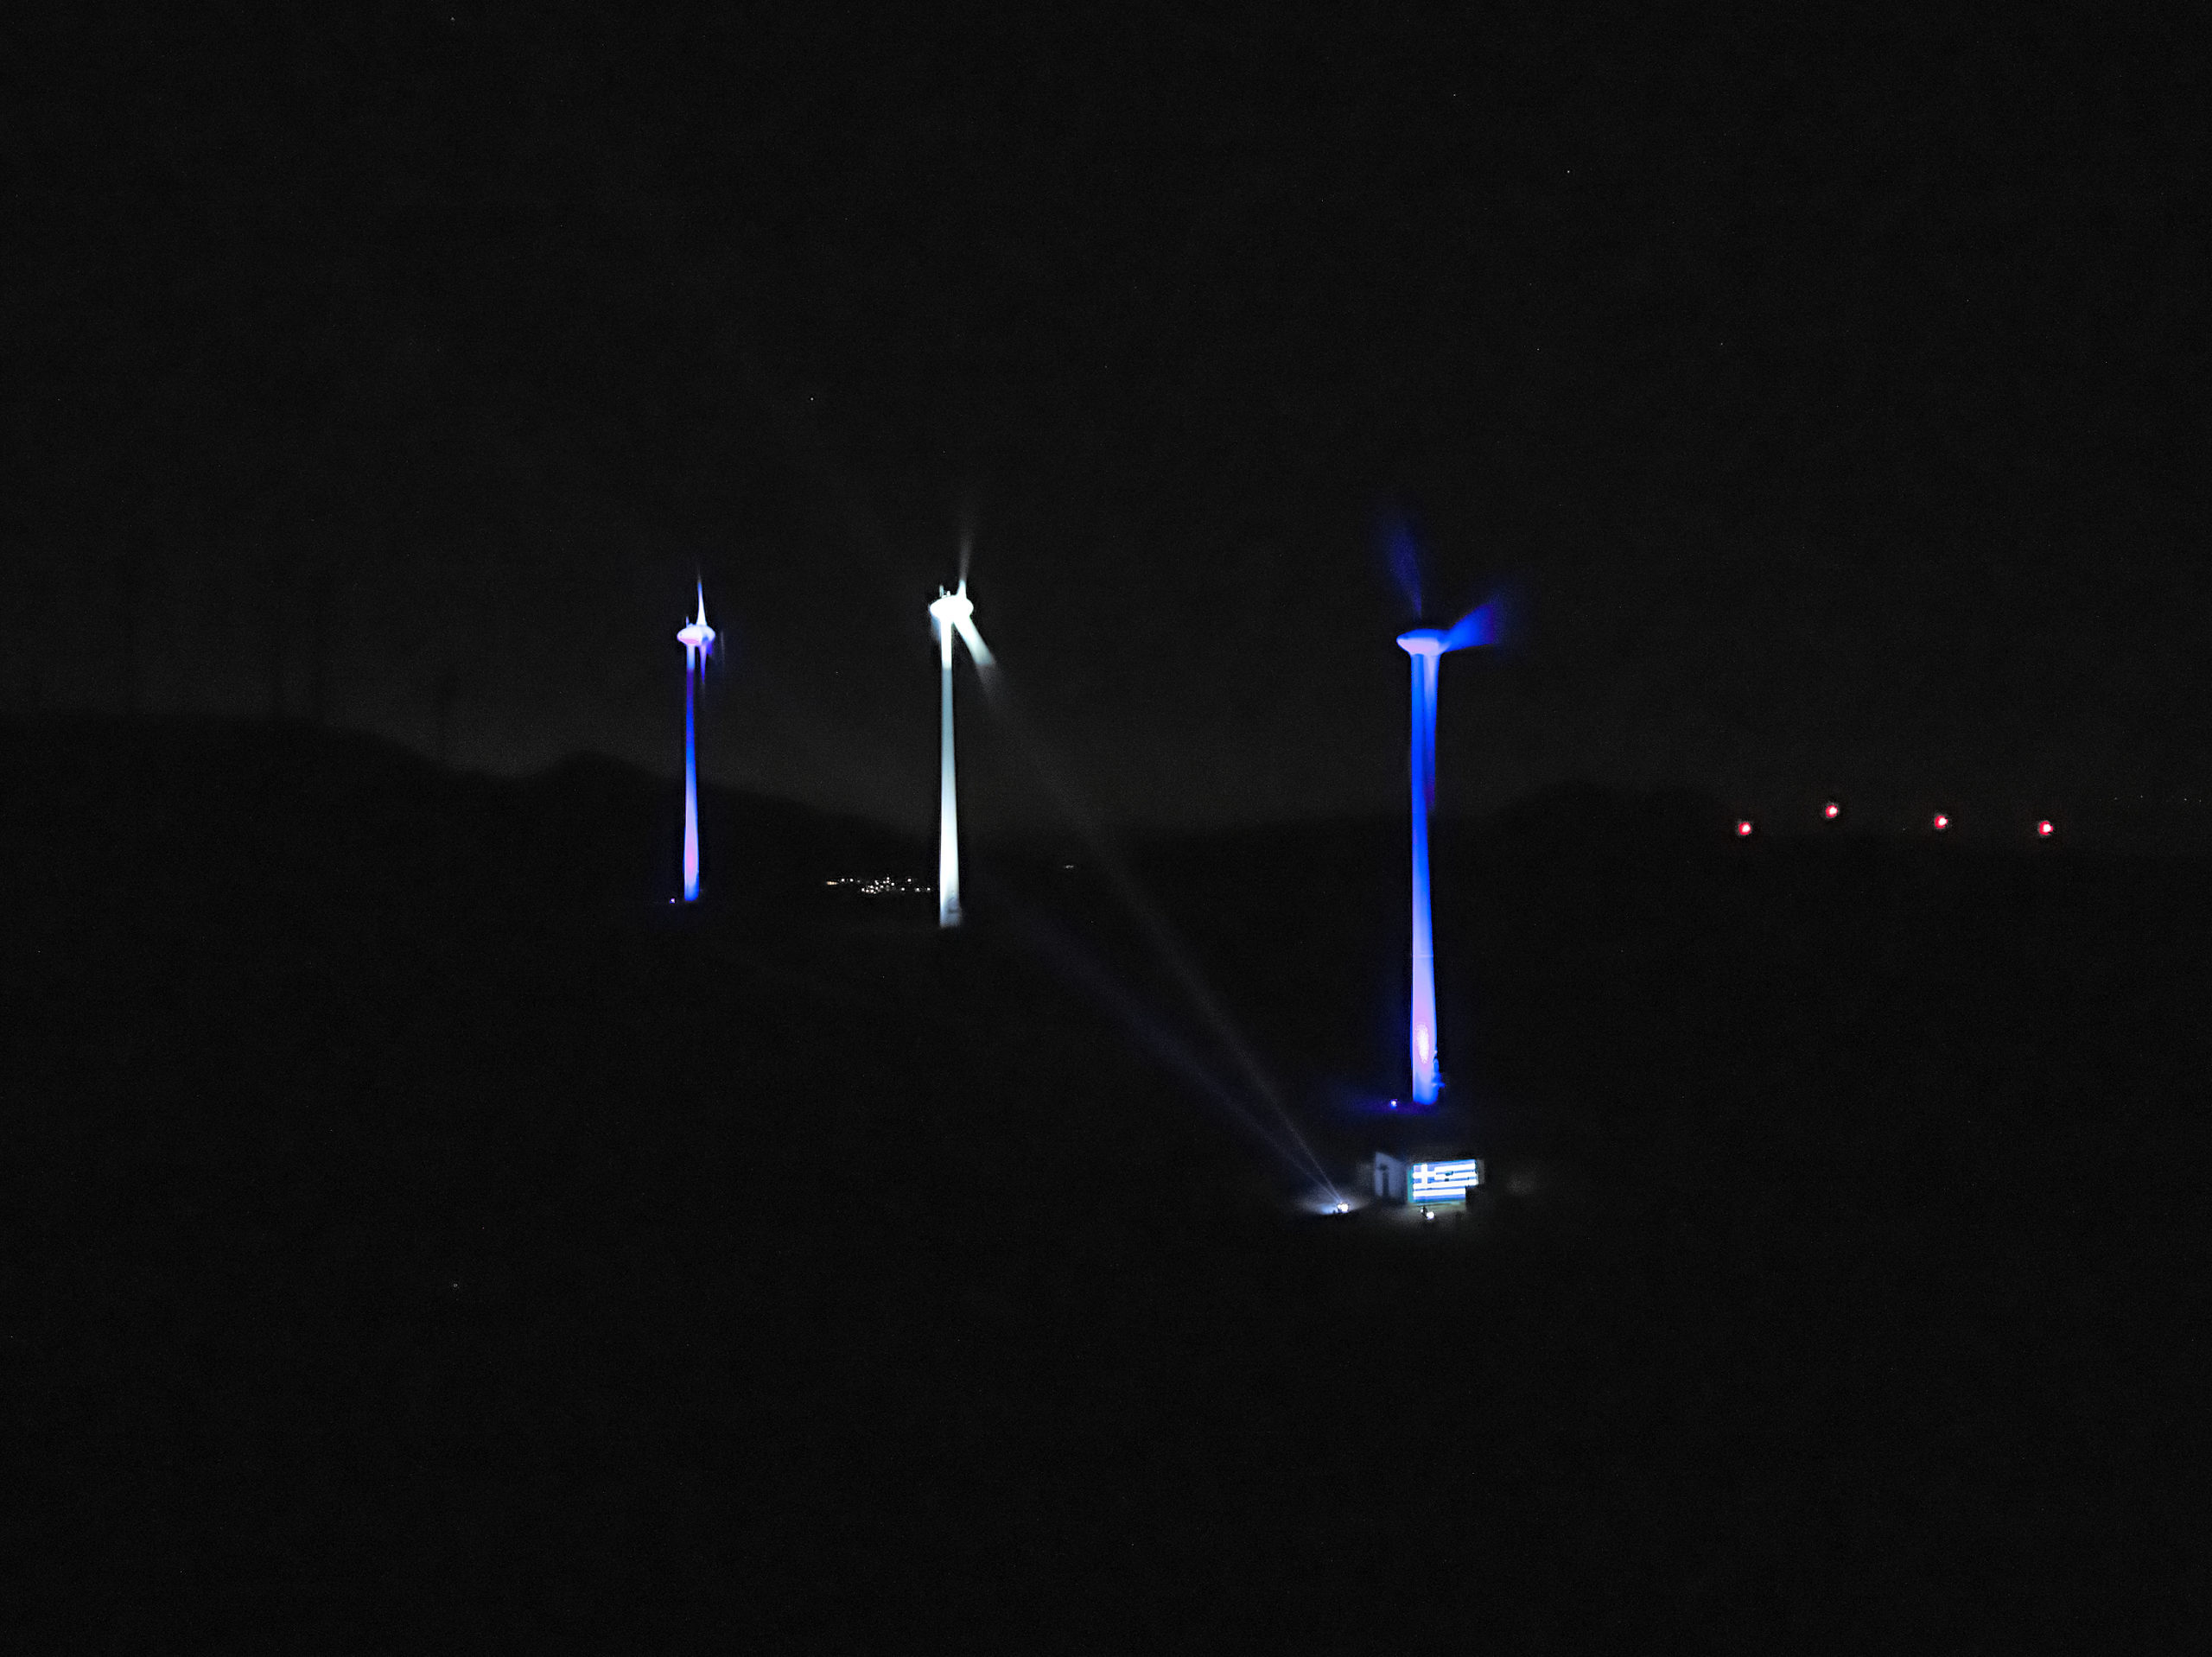 Η ελληνική και η ιταλική σημαία φώτισαν τα πάρκα της Enel Green Power